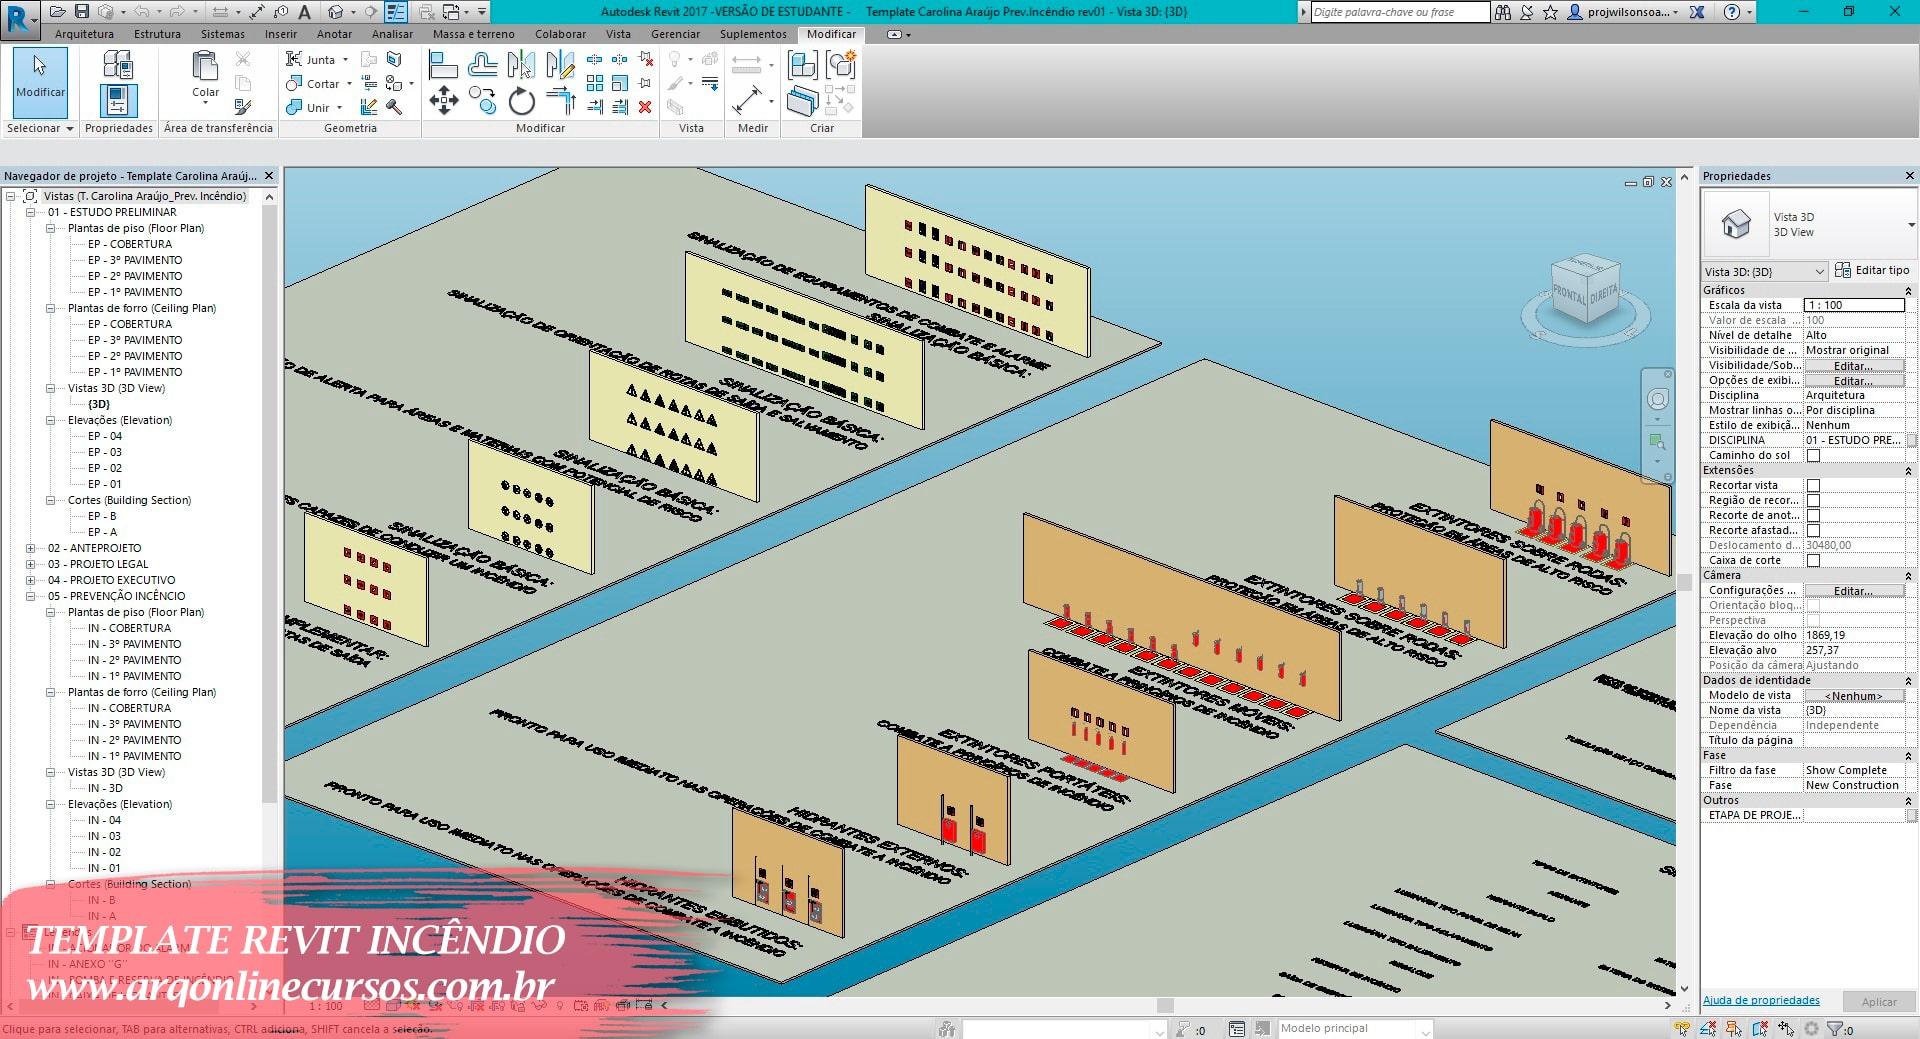 template revit prevenção e combate a incêndio estrutura organizacional